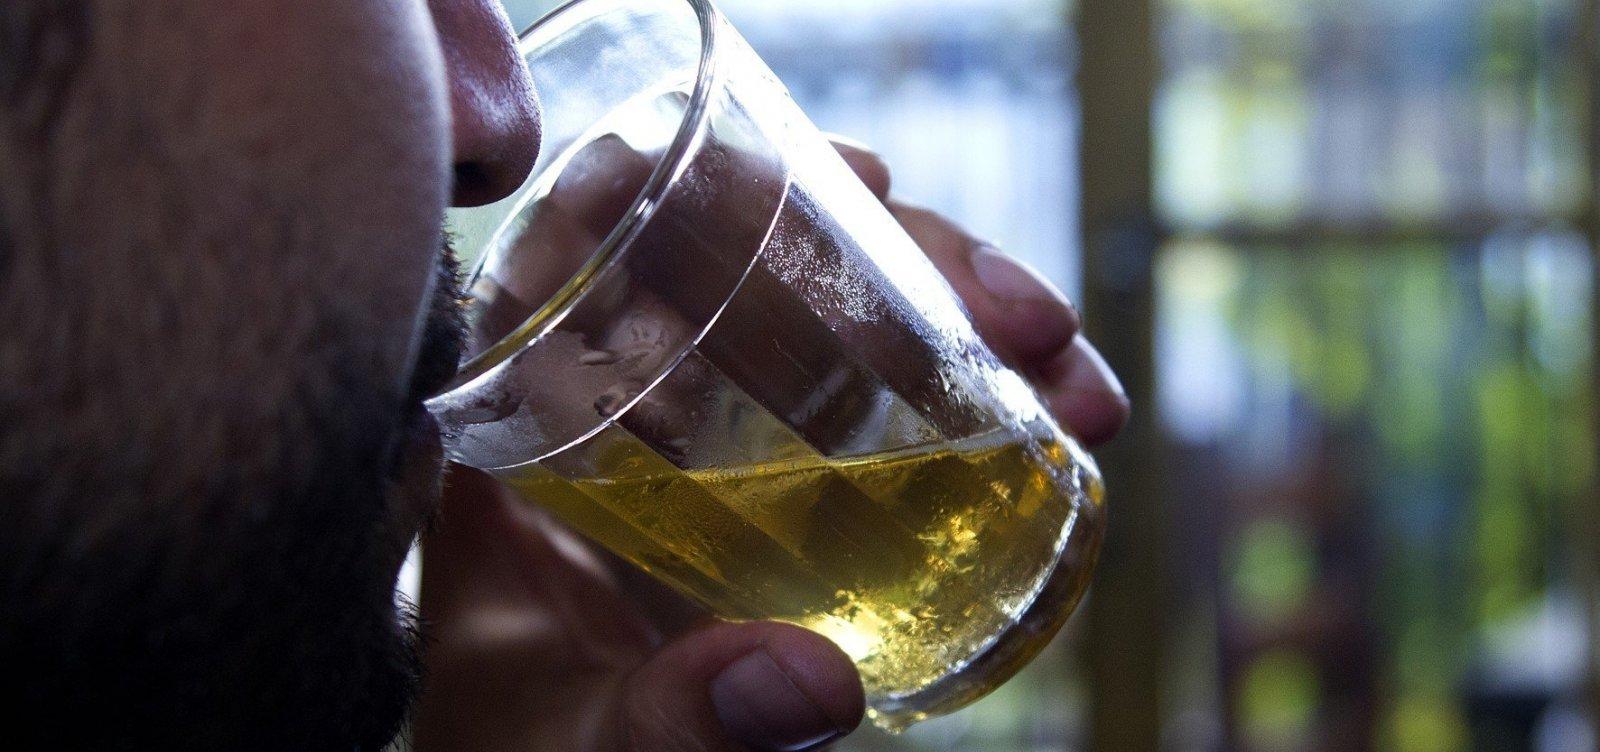 [Álcool em excesso mata mais de 3 milhões de pessoas por ano]